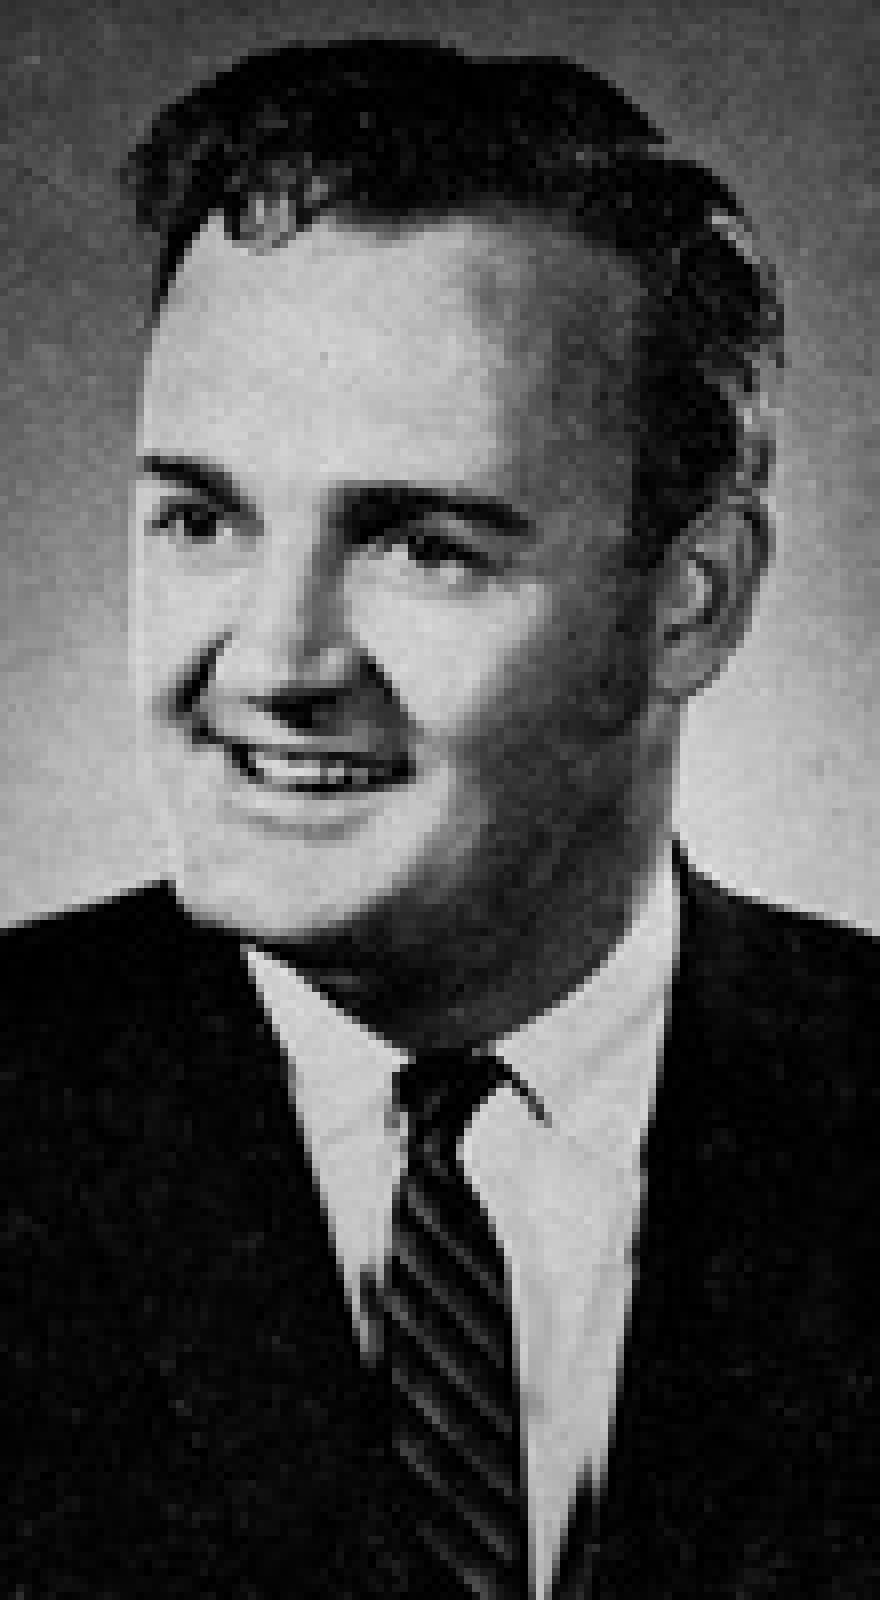 C. Donald Robertson